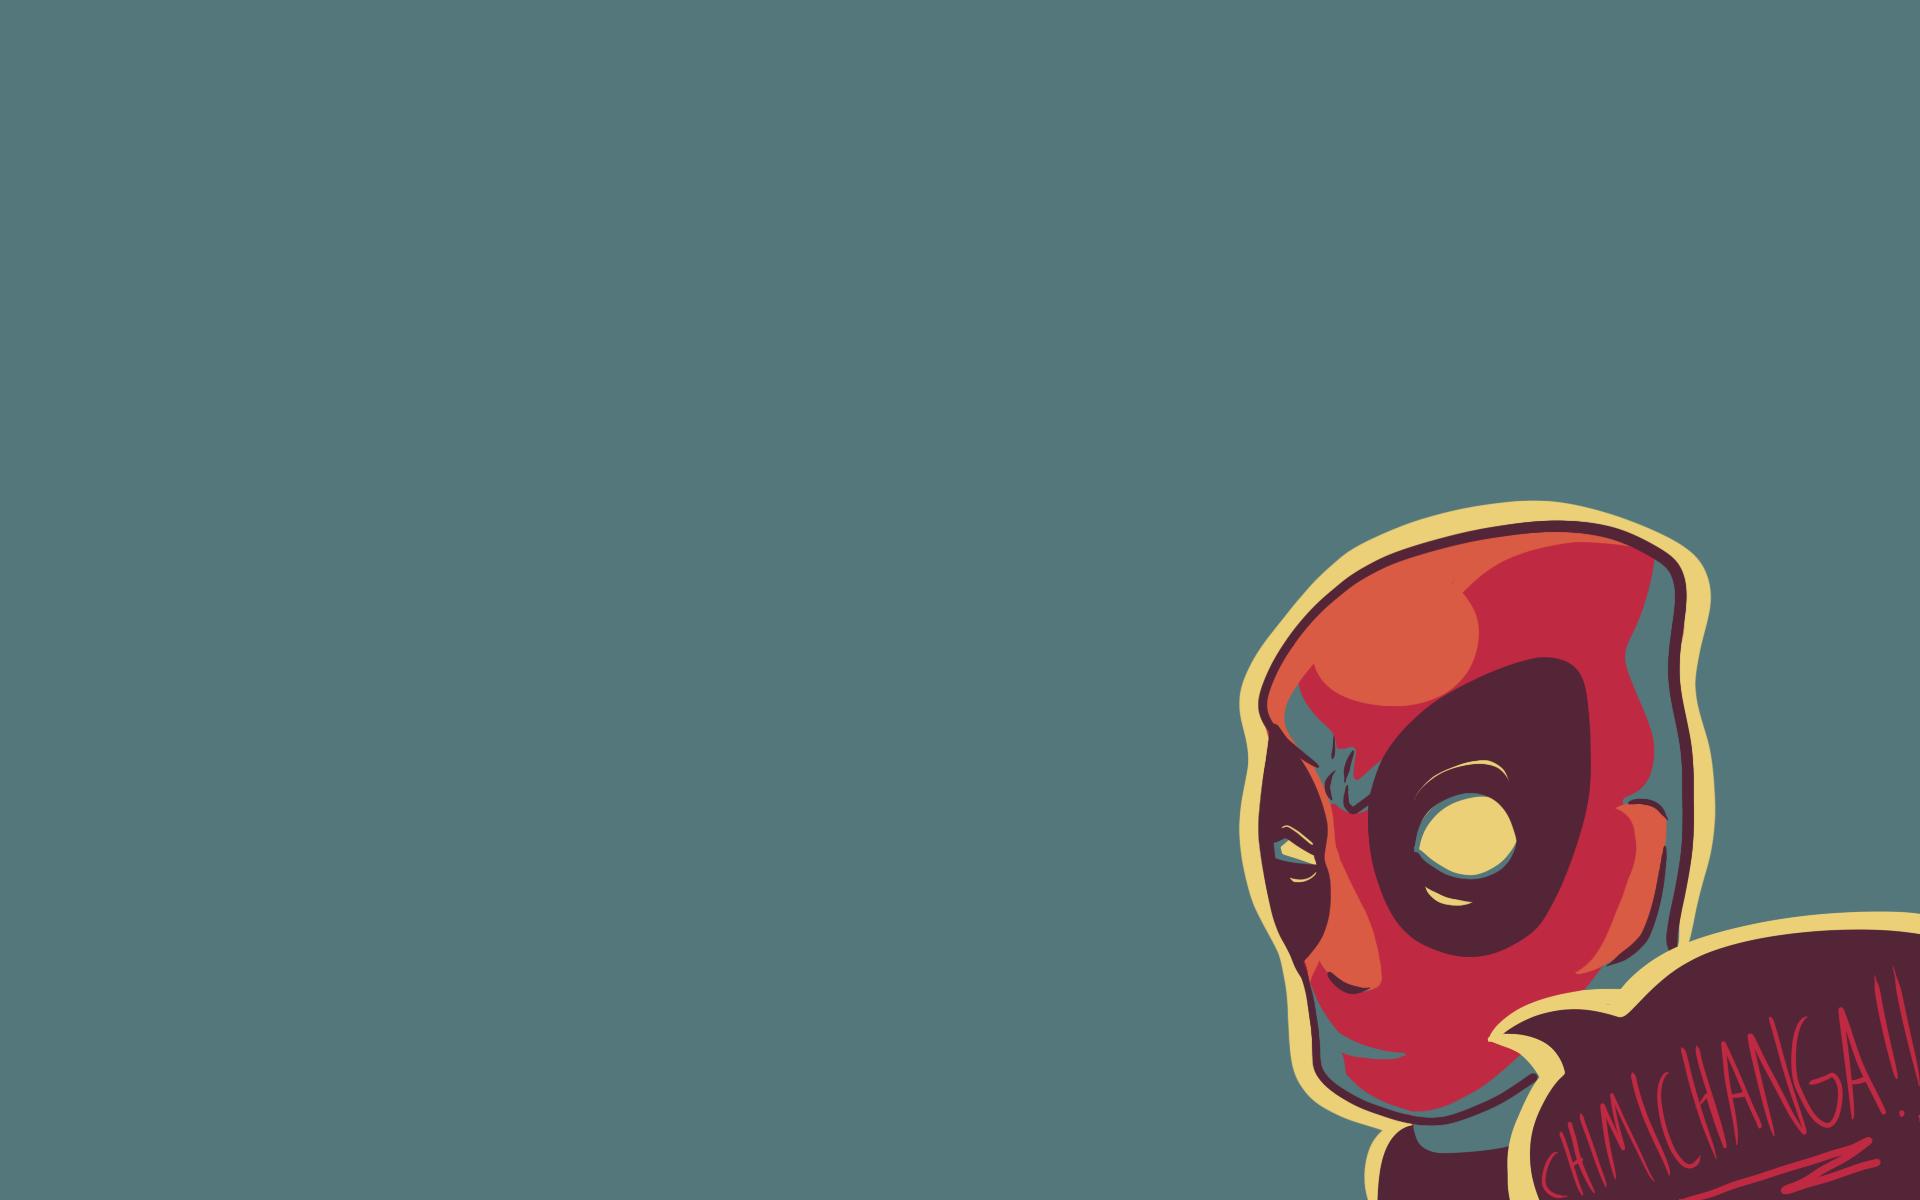 Fondos De Pantalla De Deadpool: Deadpool Full HD Fondo De Pantalla And Fondo De Escritorio